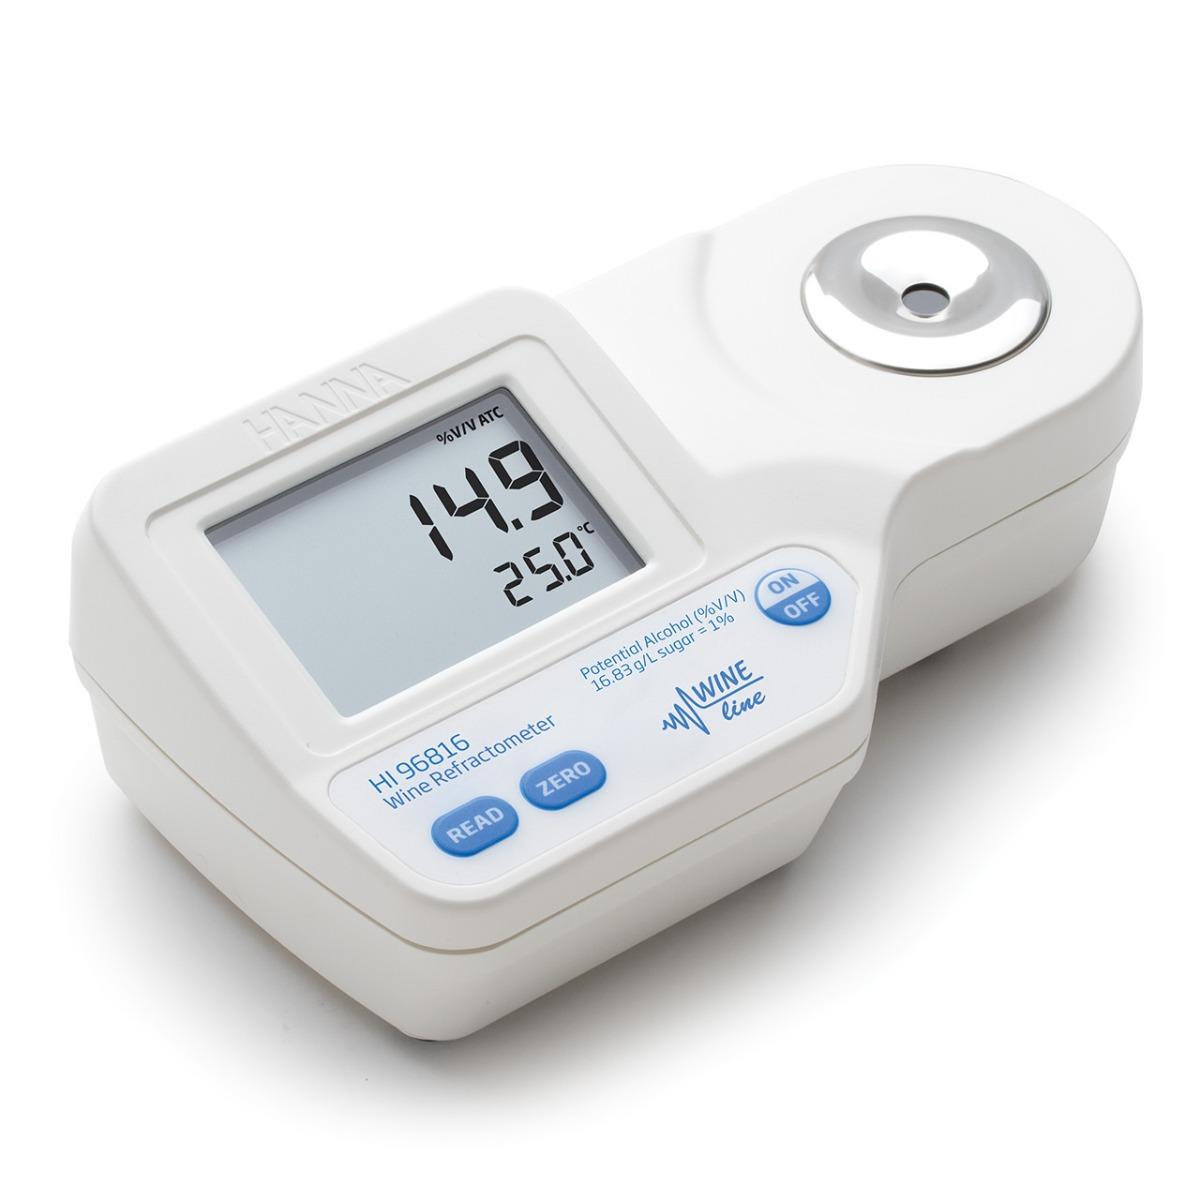 Refractómetro Digital para Análisis de Alcohol Potencial (% V/V) en Vino, Mosto y Jugo Según la CEE - HI96816